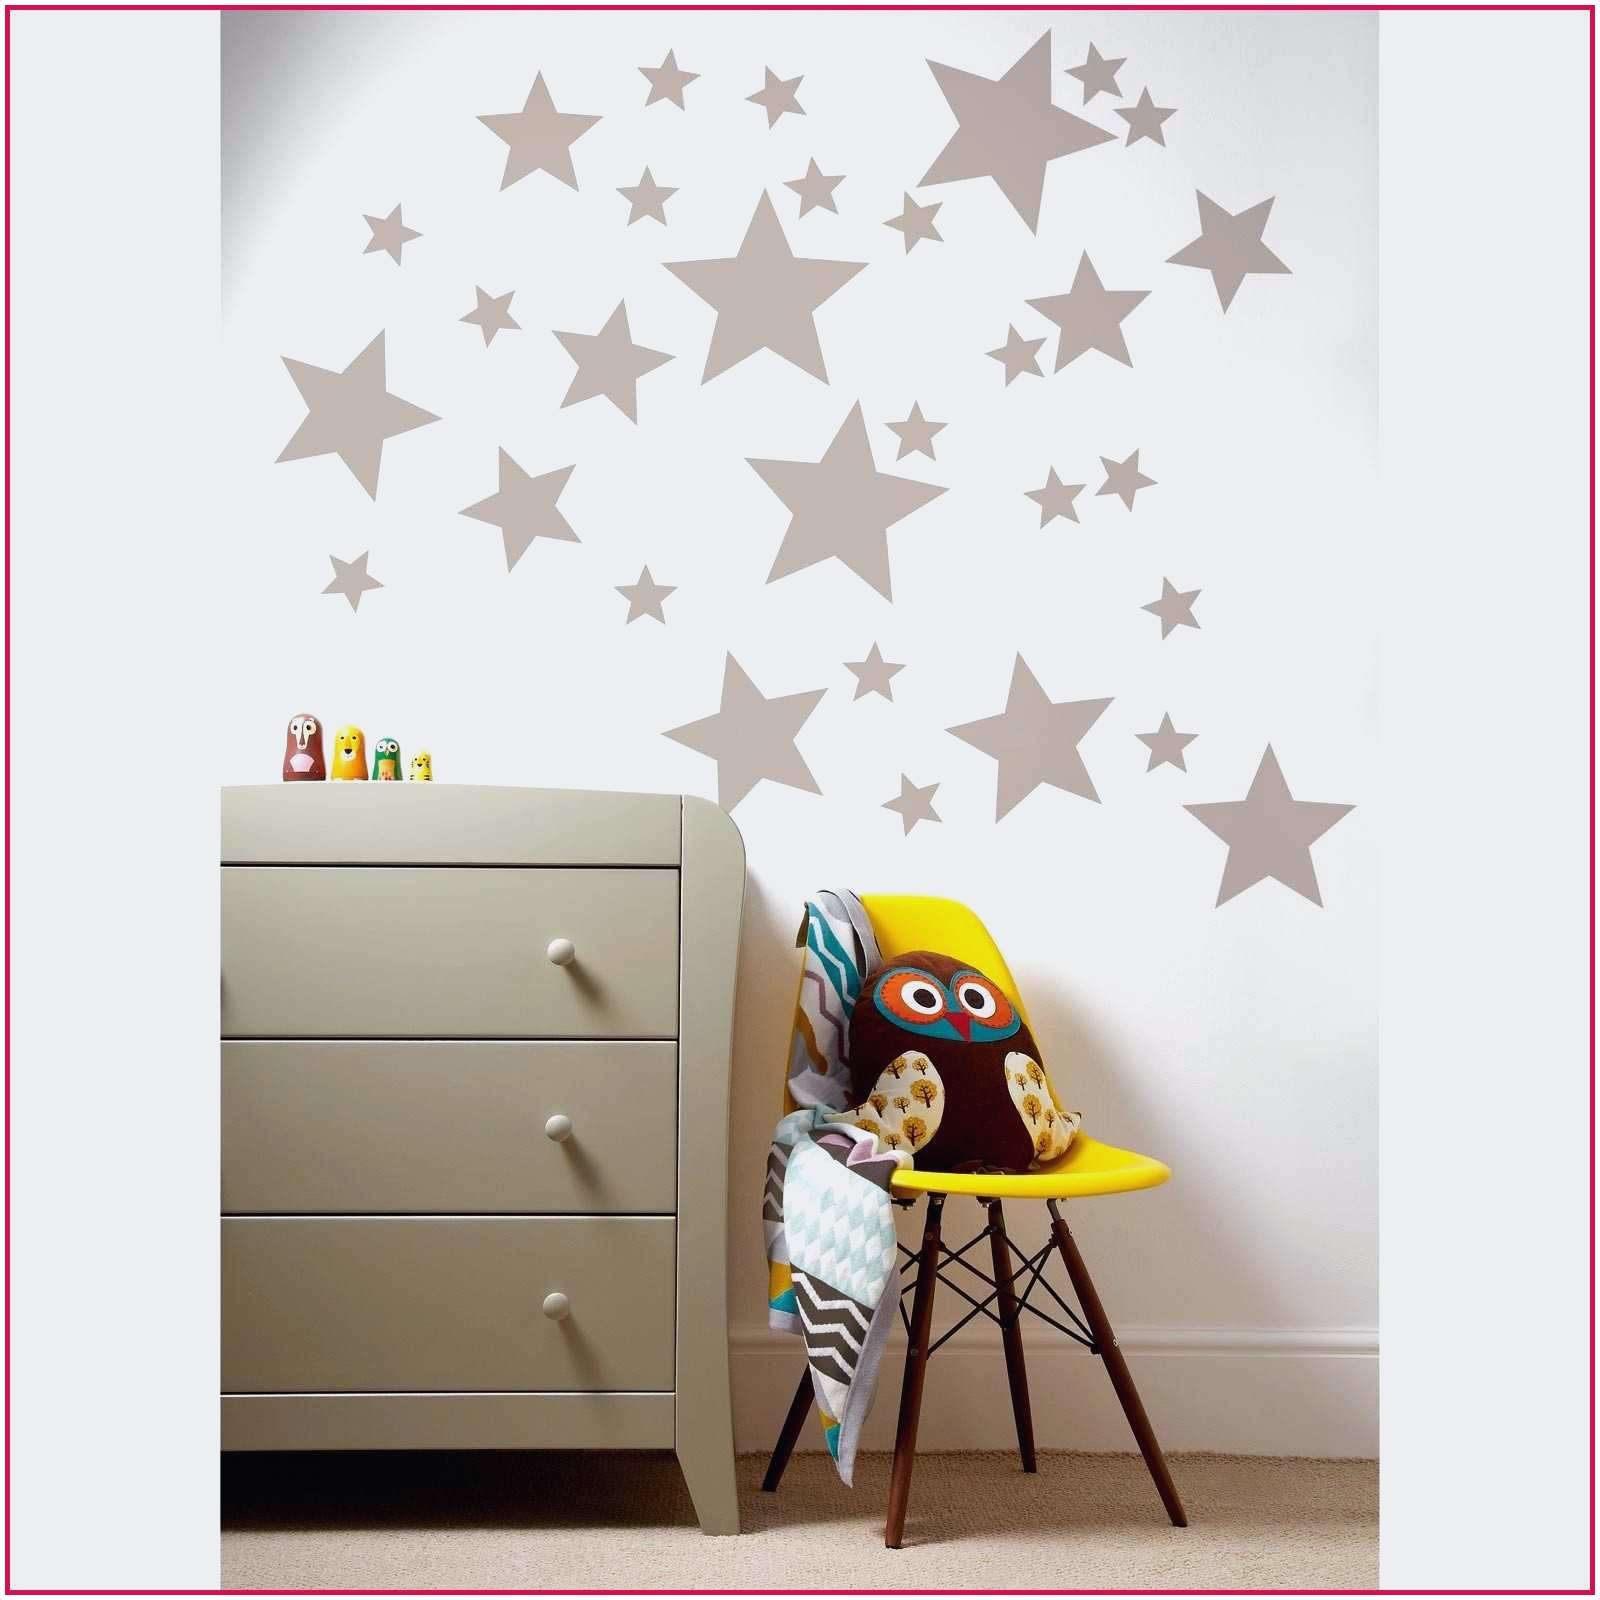 Lit Superposé Bébé Meilleur De Unique Chambre Bébé Fille Gris Et Rose Beau Parc B C3 A9b C3 A9 Gris